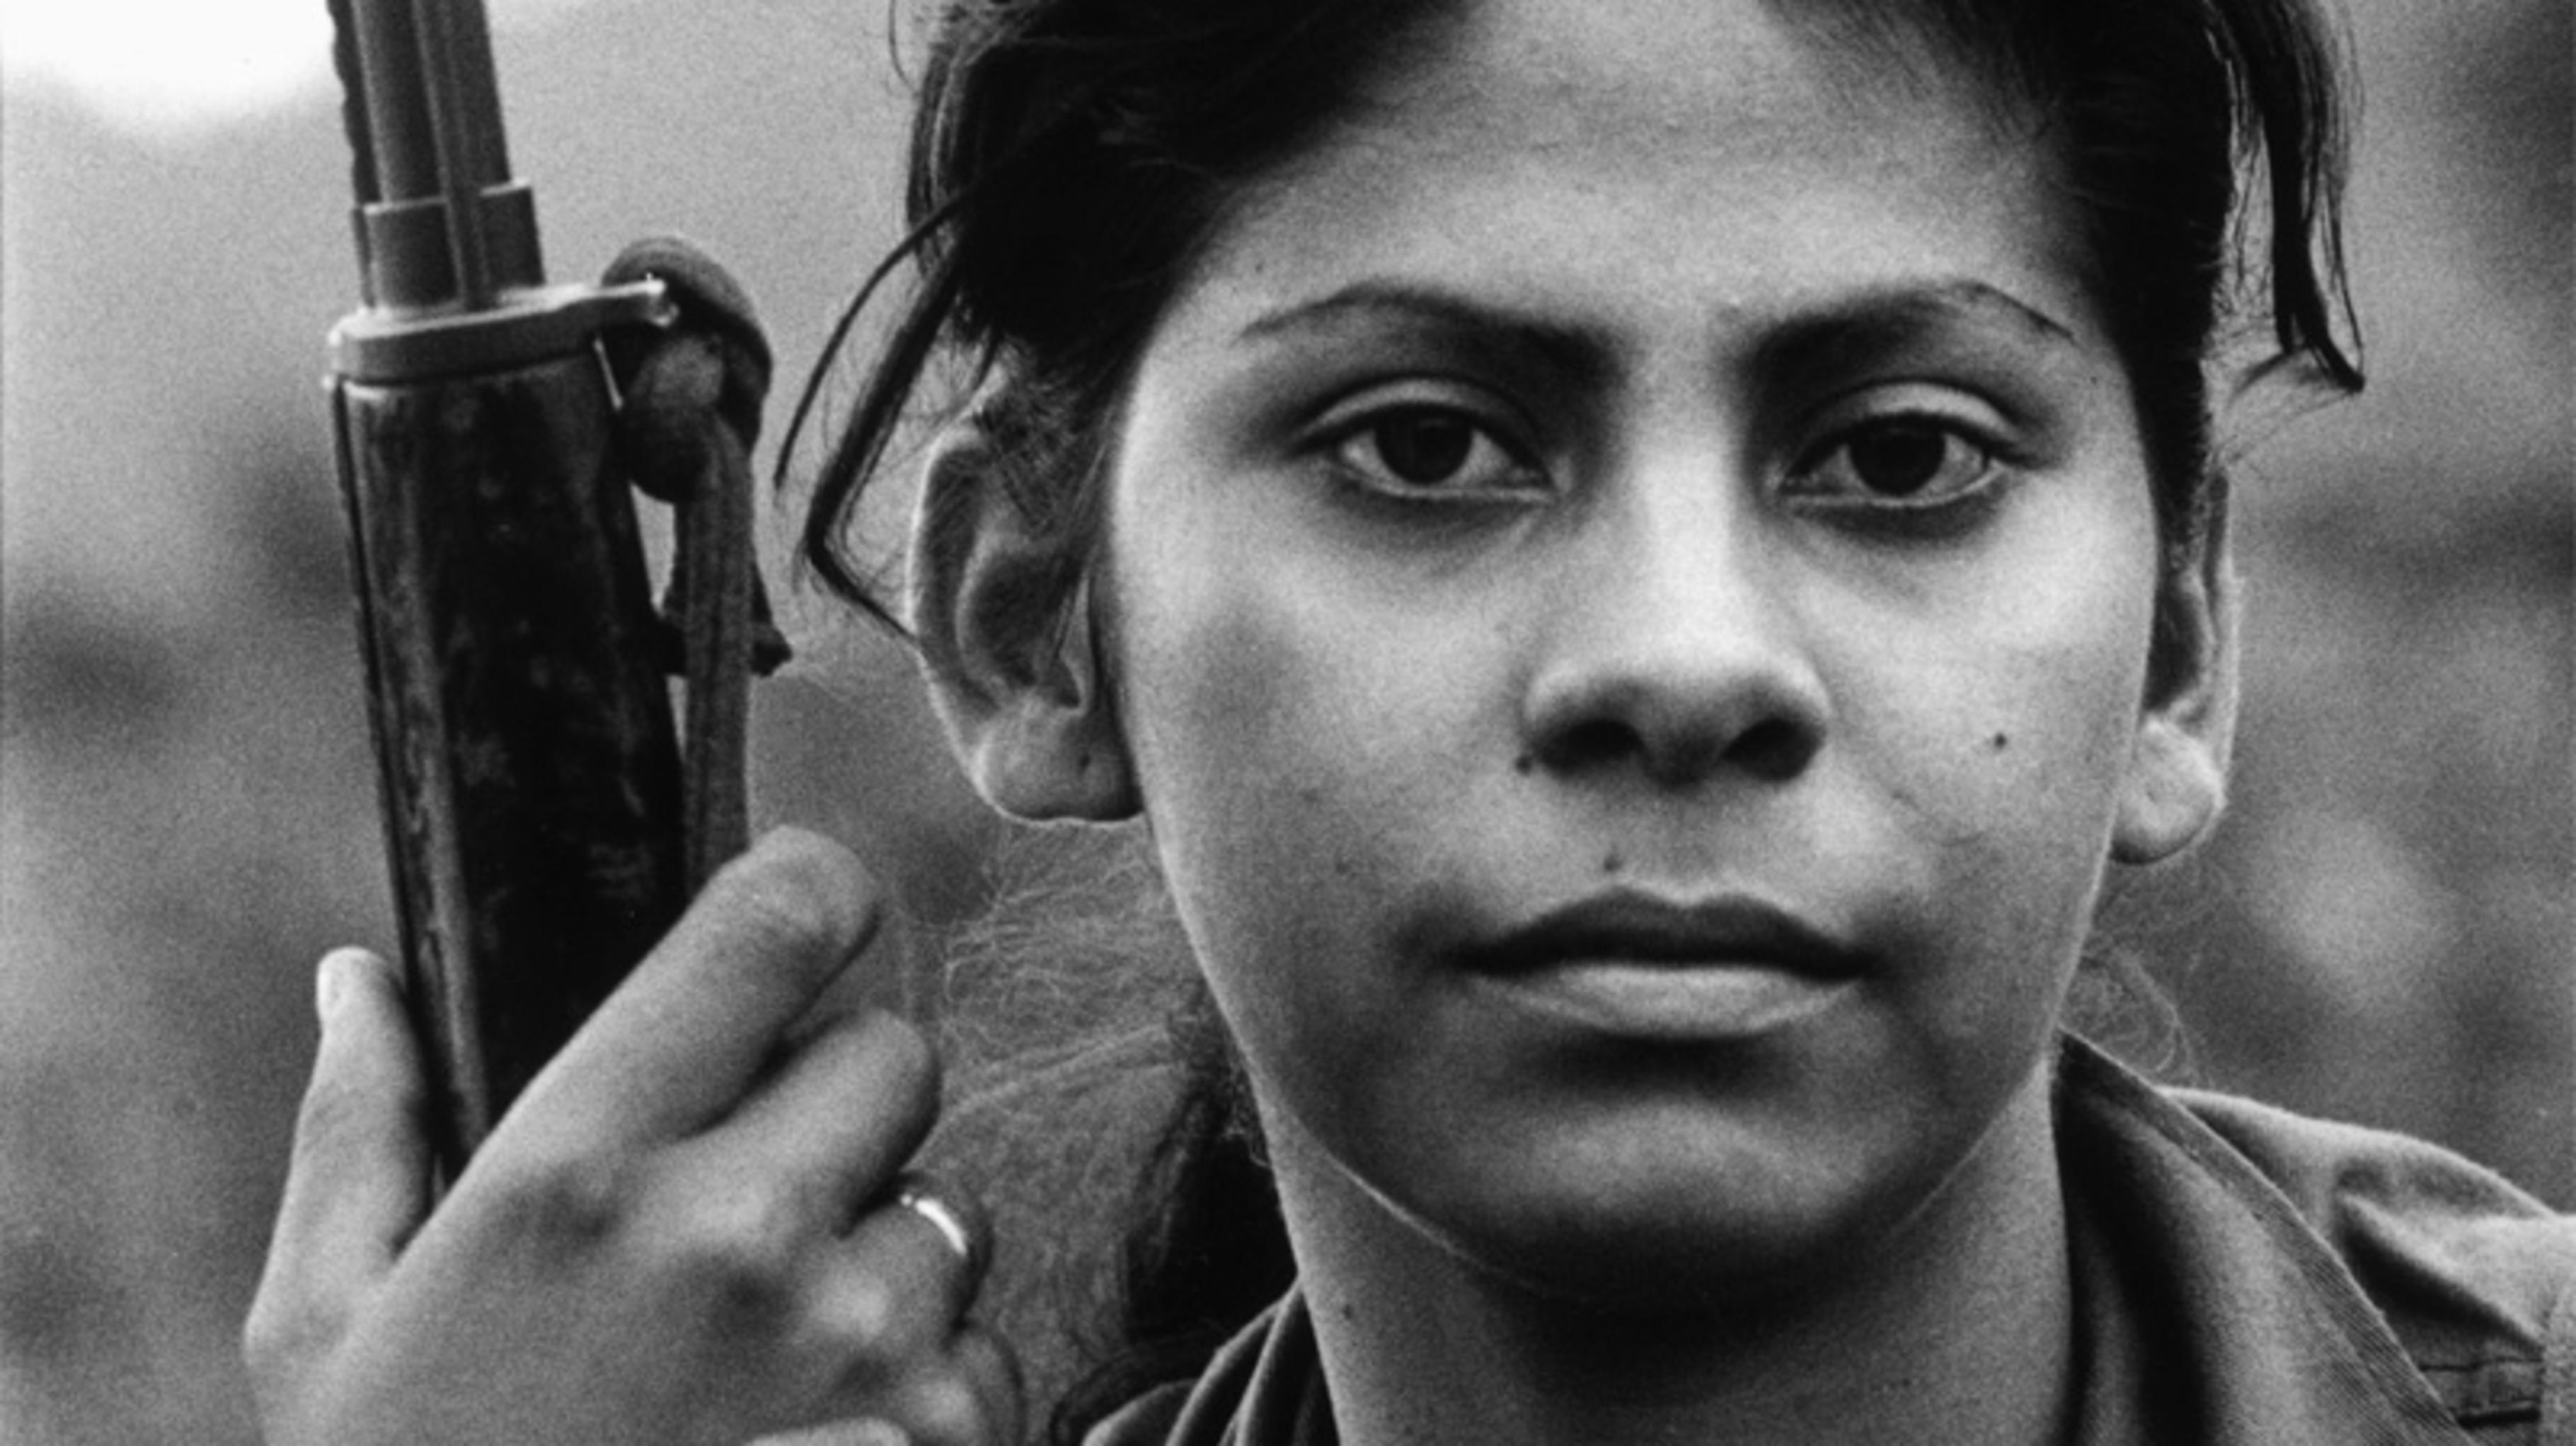 """Nicaragua: """"Im Krieg waren wir Frauen Gleichberechtigte. Nun nicht mehr"""", sagt M"""